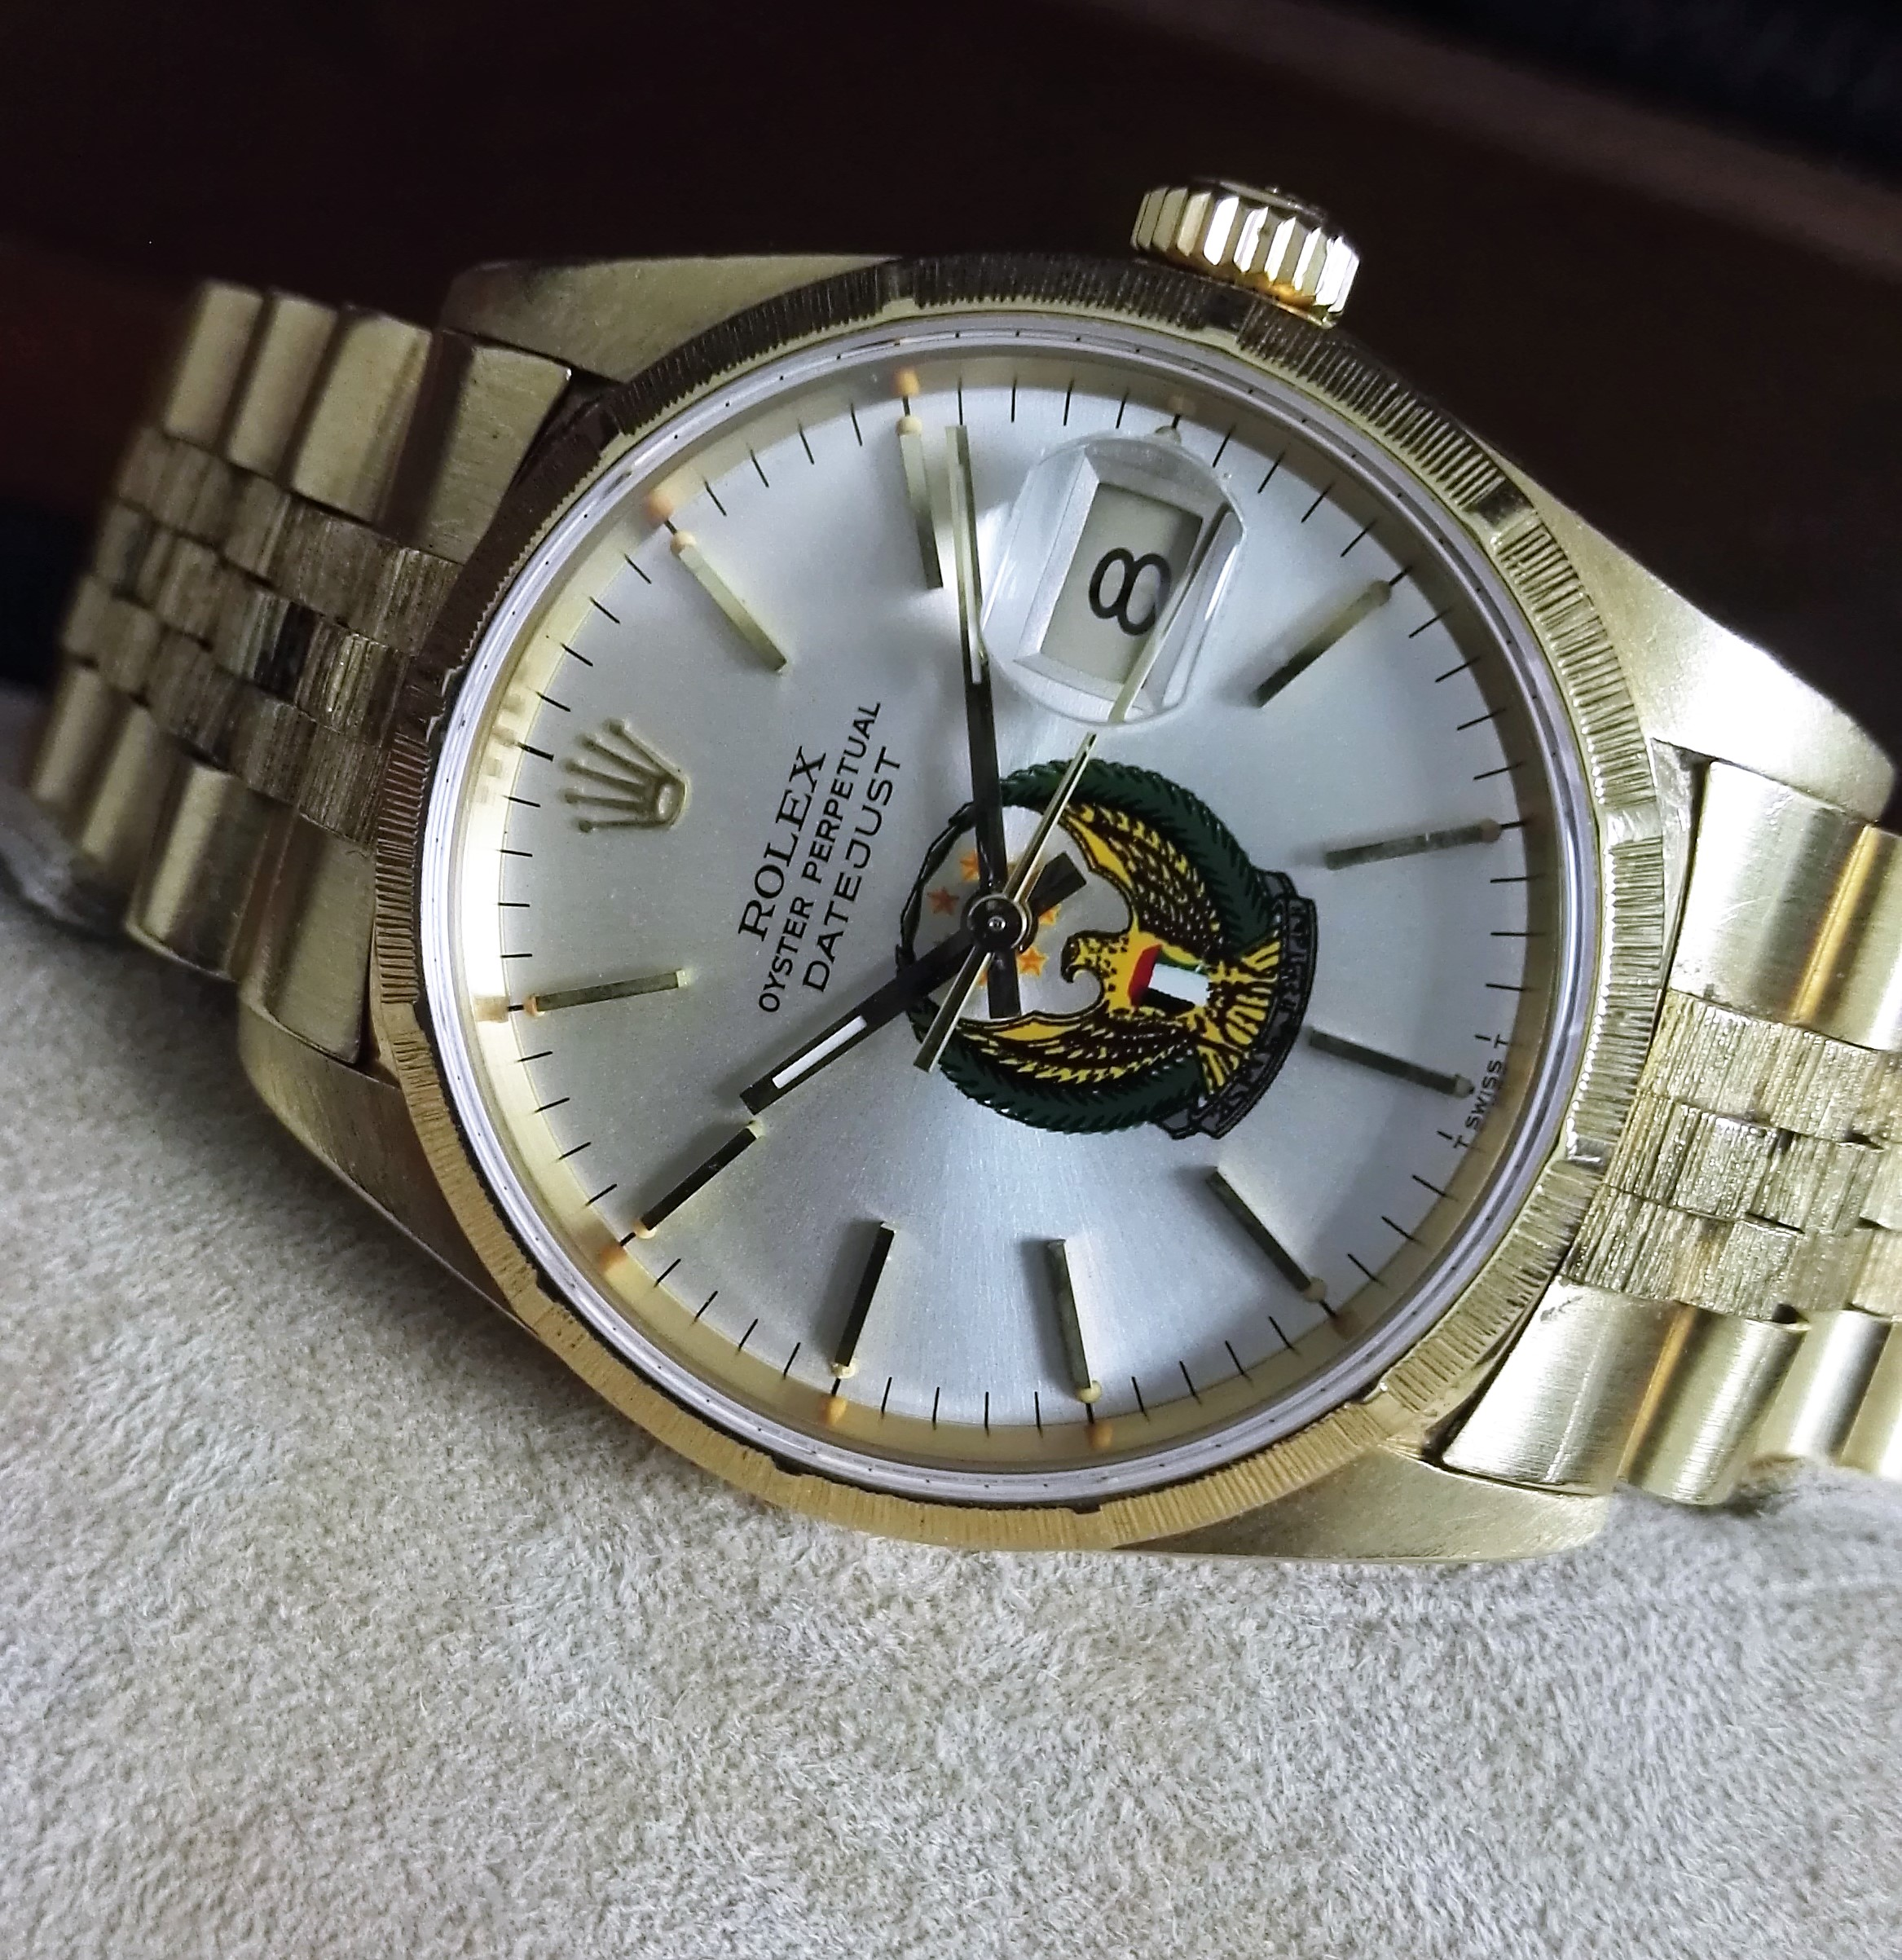 Rolex Datejust Rare Datejust bark finish UAE dial 16248 all 18 kt gold   San Giorgio a Cremano